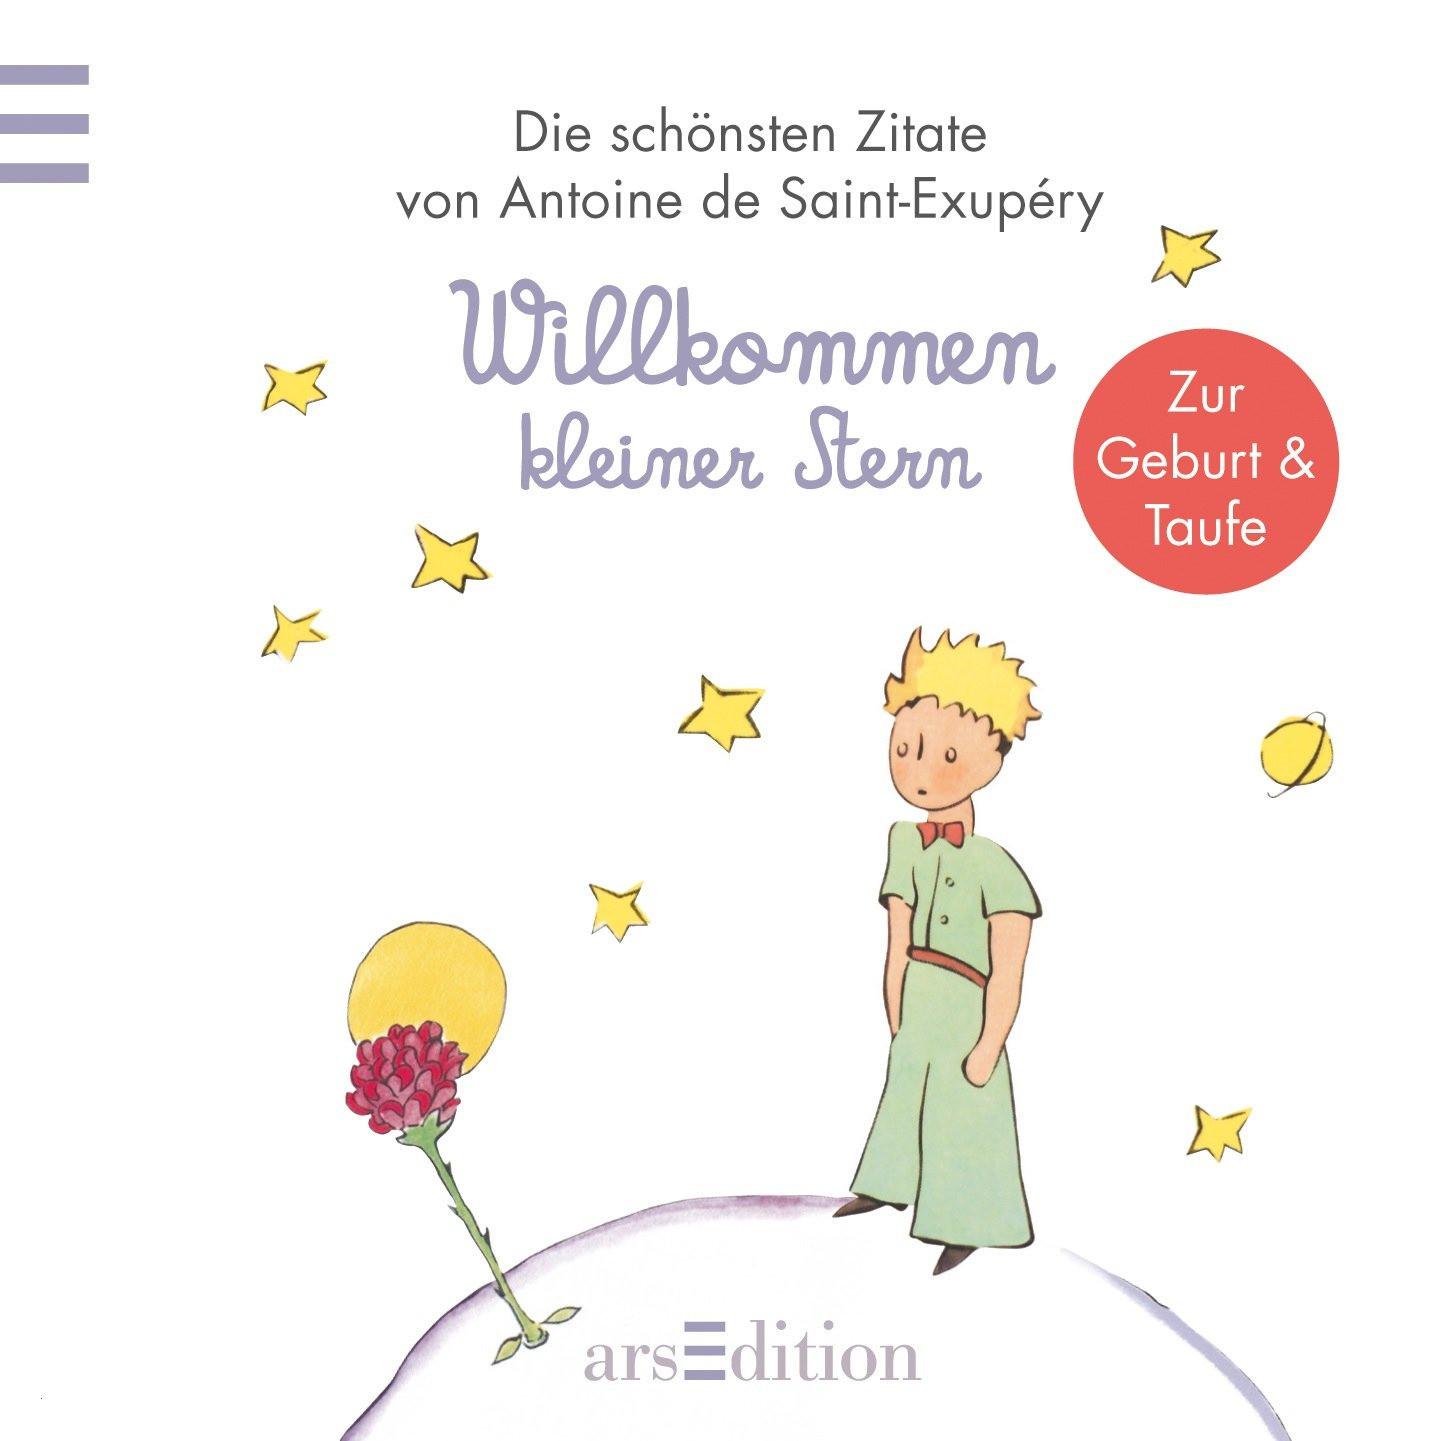 Frau Holle Ausmalbild Das Beste Von Luxus Ausmalbilder Zum Ausdrucken Märchen Art Von Malvorlagen Frisch Fotografieren